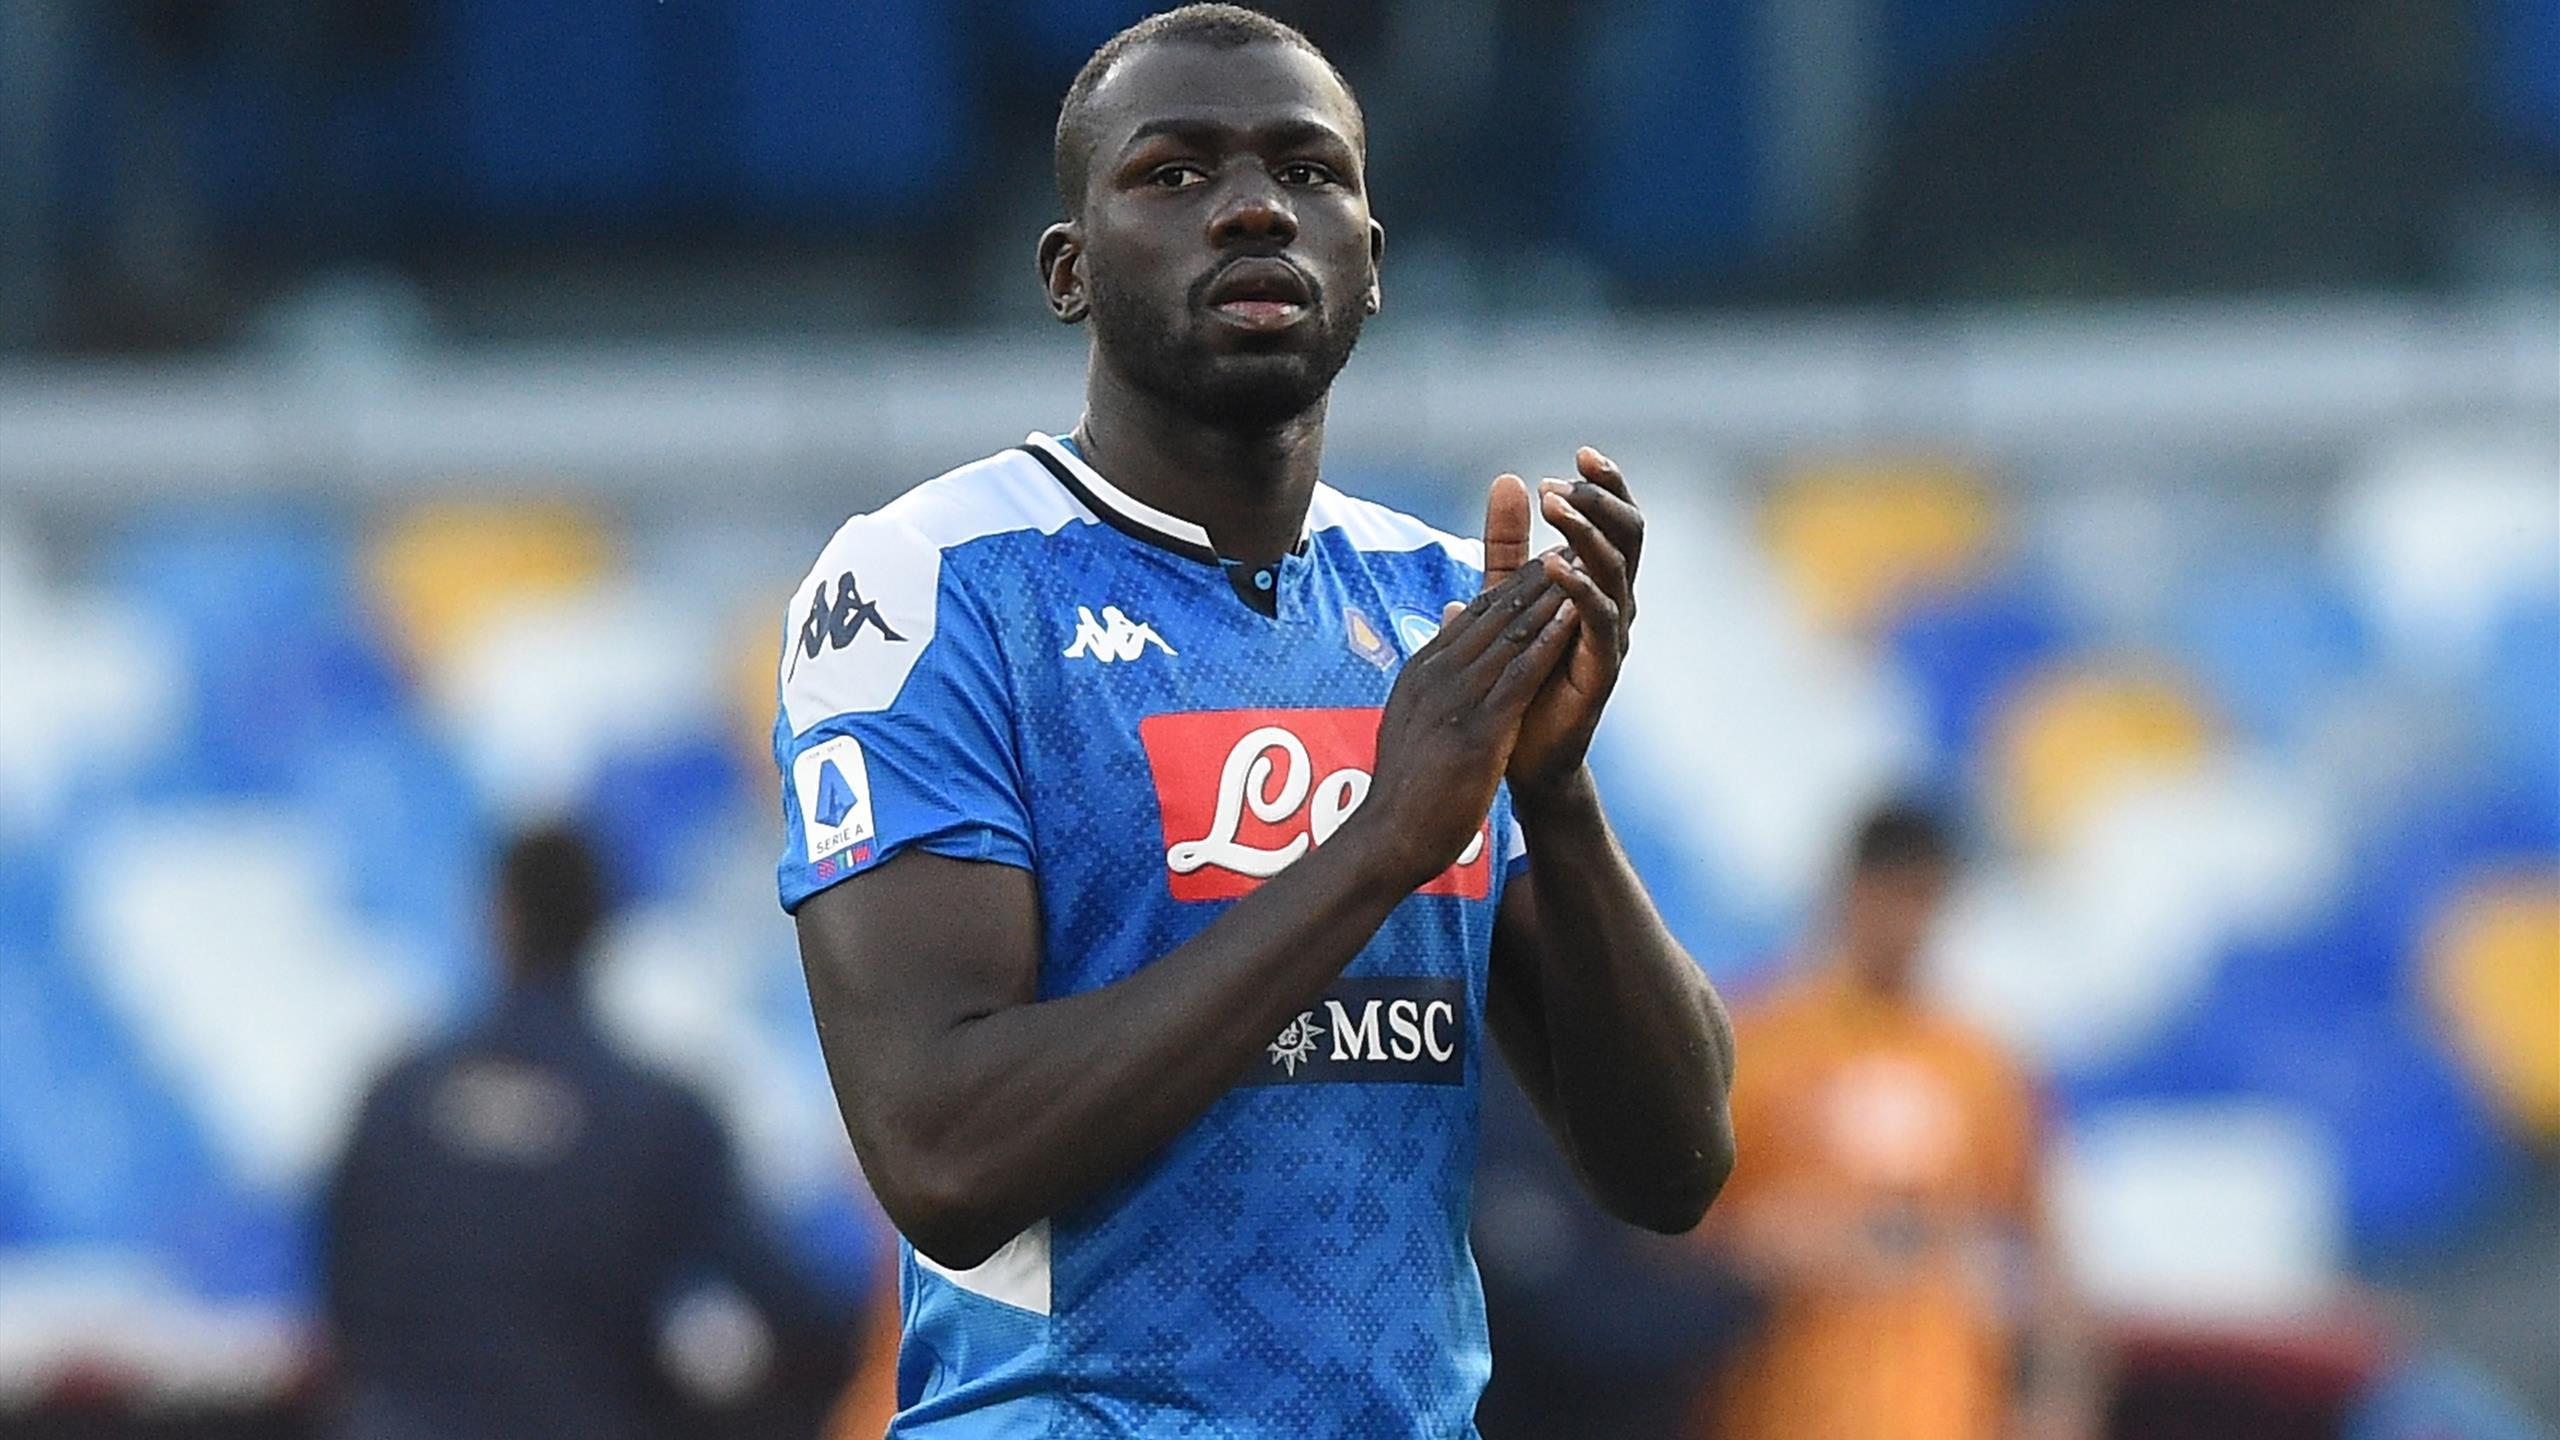 Napoli ready to sell £60m Kalidou Koulibaly to hijack Arsenal's Gabriel  transfer - Paper Round - Eurosport